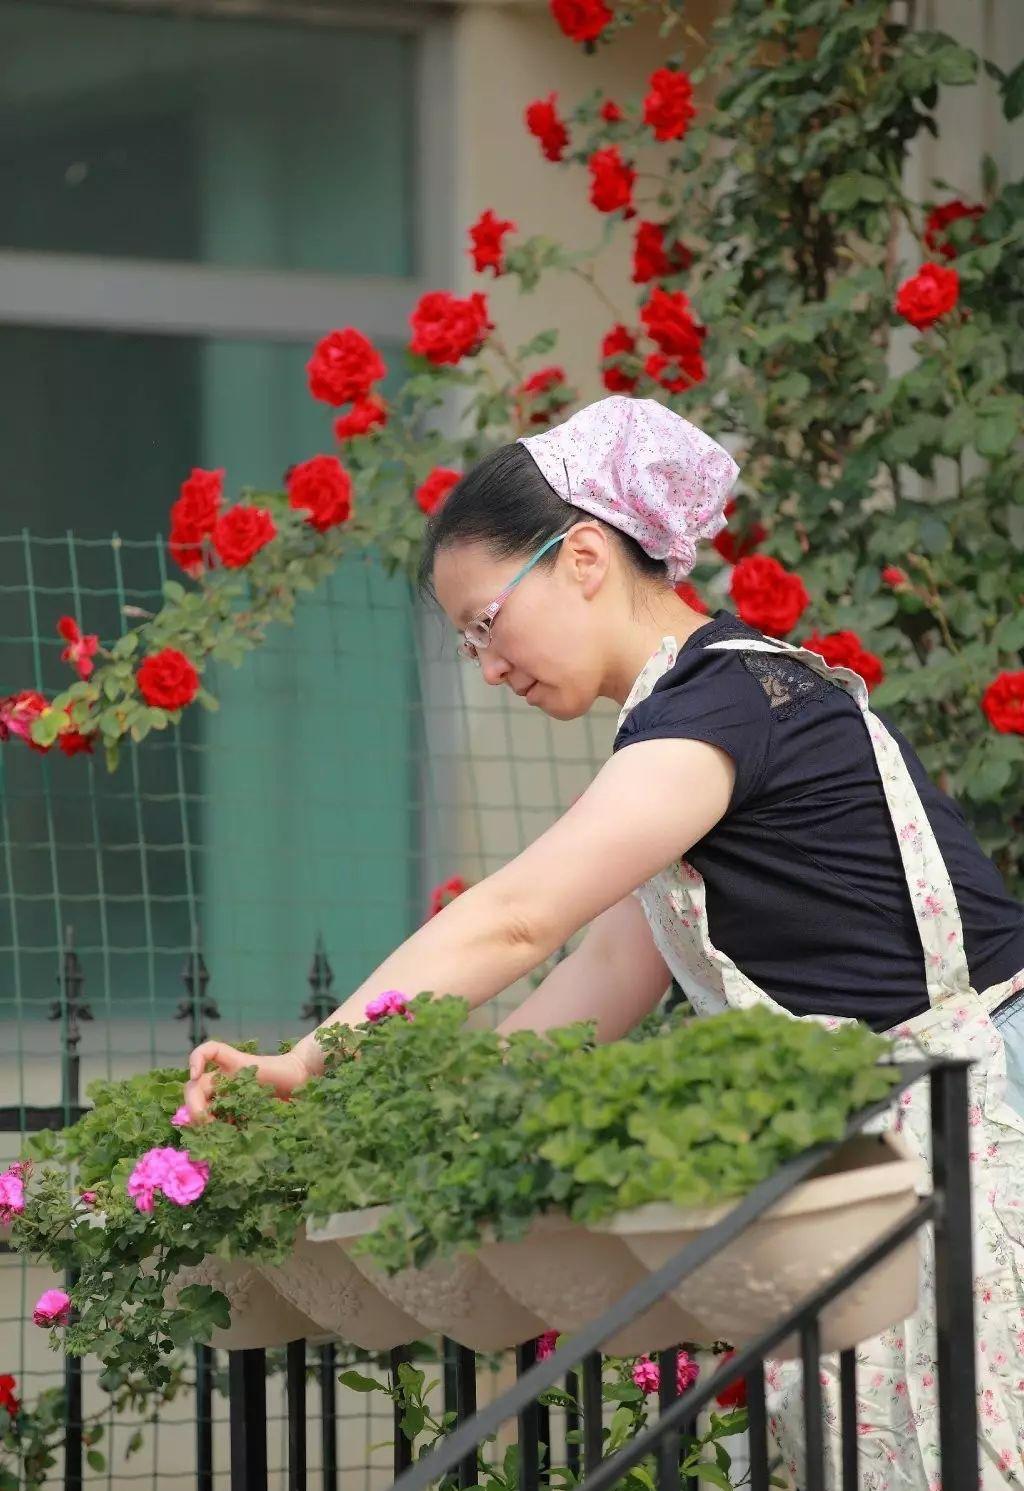 Ngôi nhà tràn ngập sắc hoa hồng ở thị trấn nhỏ của cô gái dành cả thanh xuân chỉ để trồng hoa làm đẹp nhà - Ảnh 13.